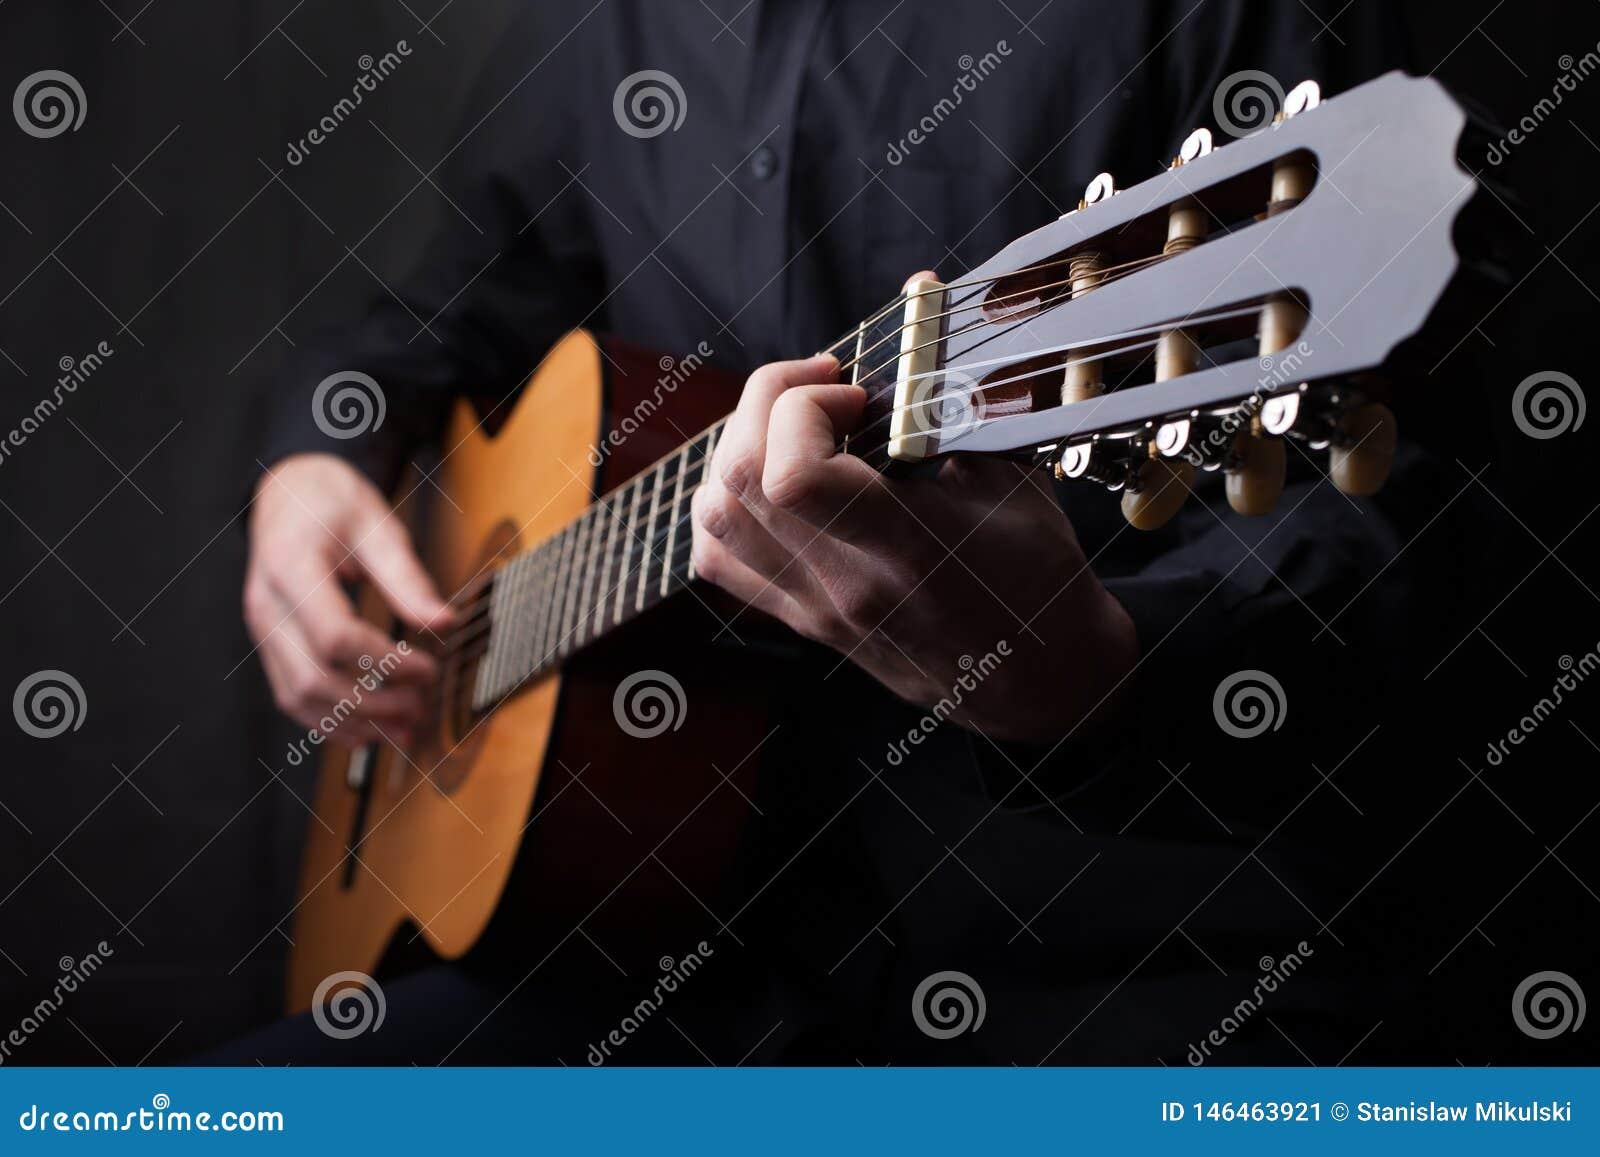 Chiuda su di una chitarra che ? giocata